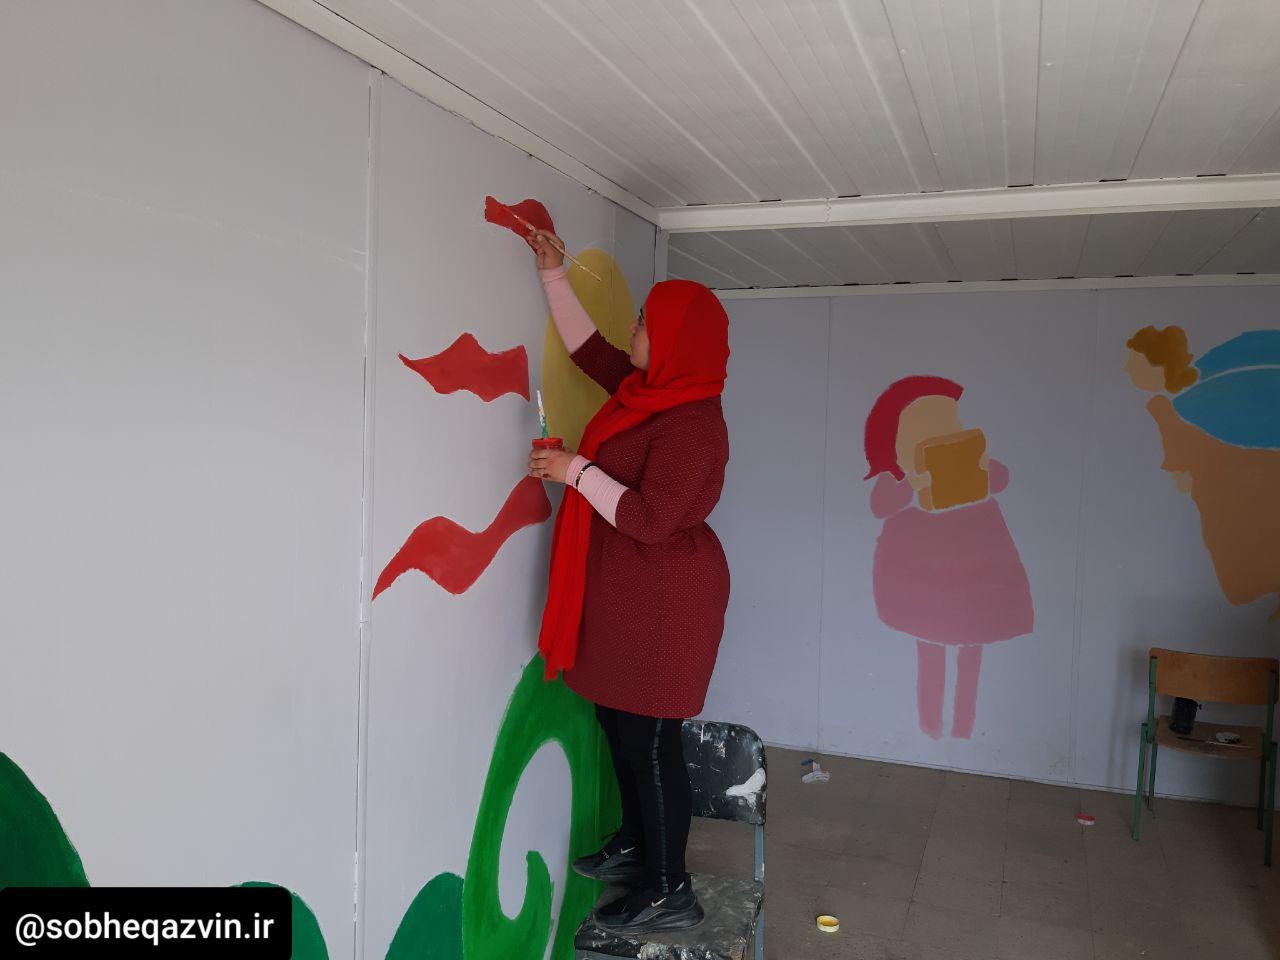 جهادی همرنگ قلمهای دانشآموزان مناطق محروم قزوین